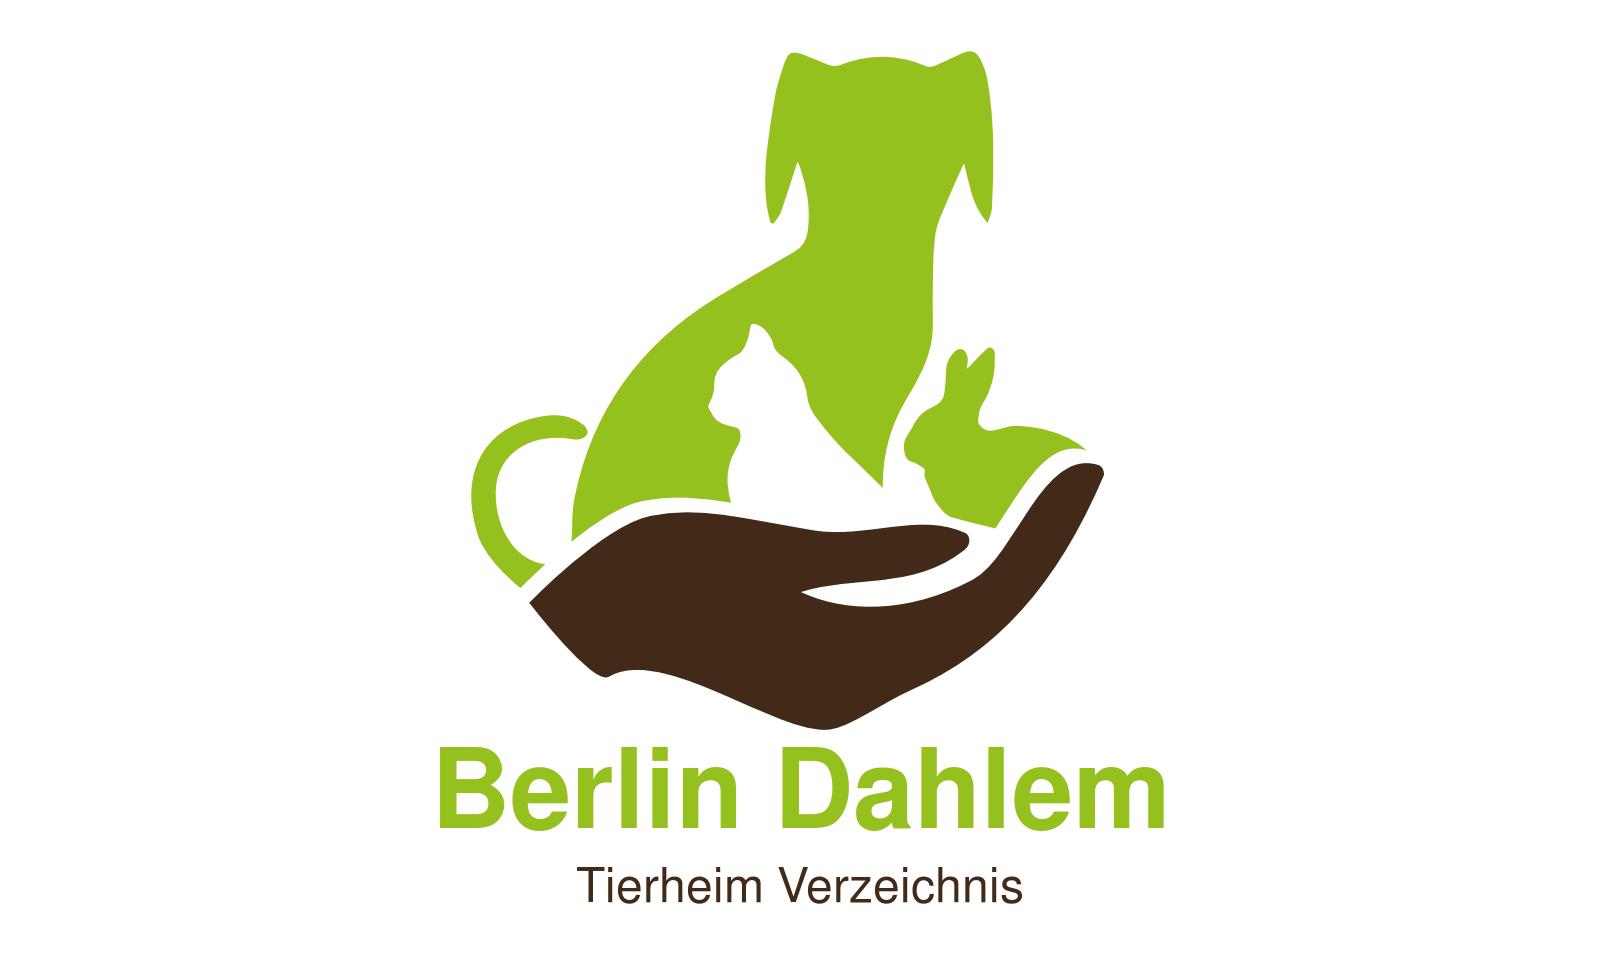 Tierheim Berlin Dahlem